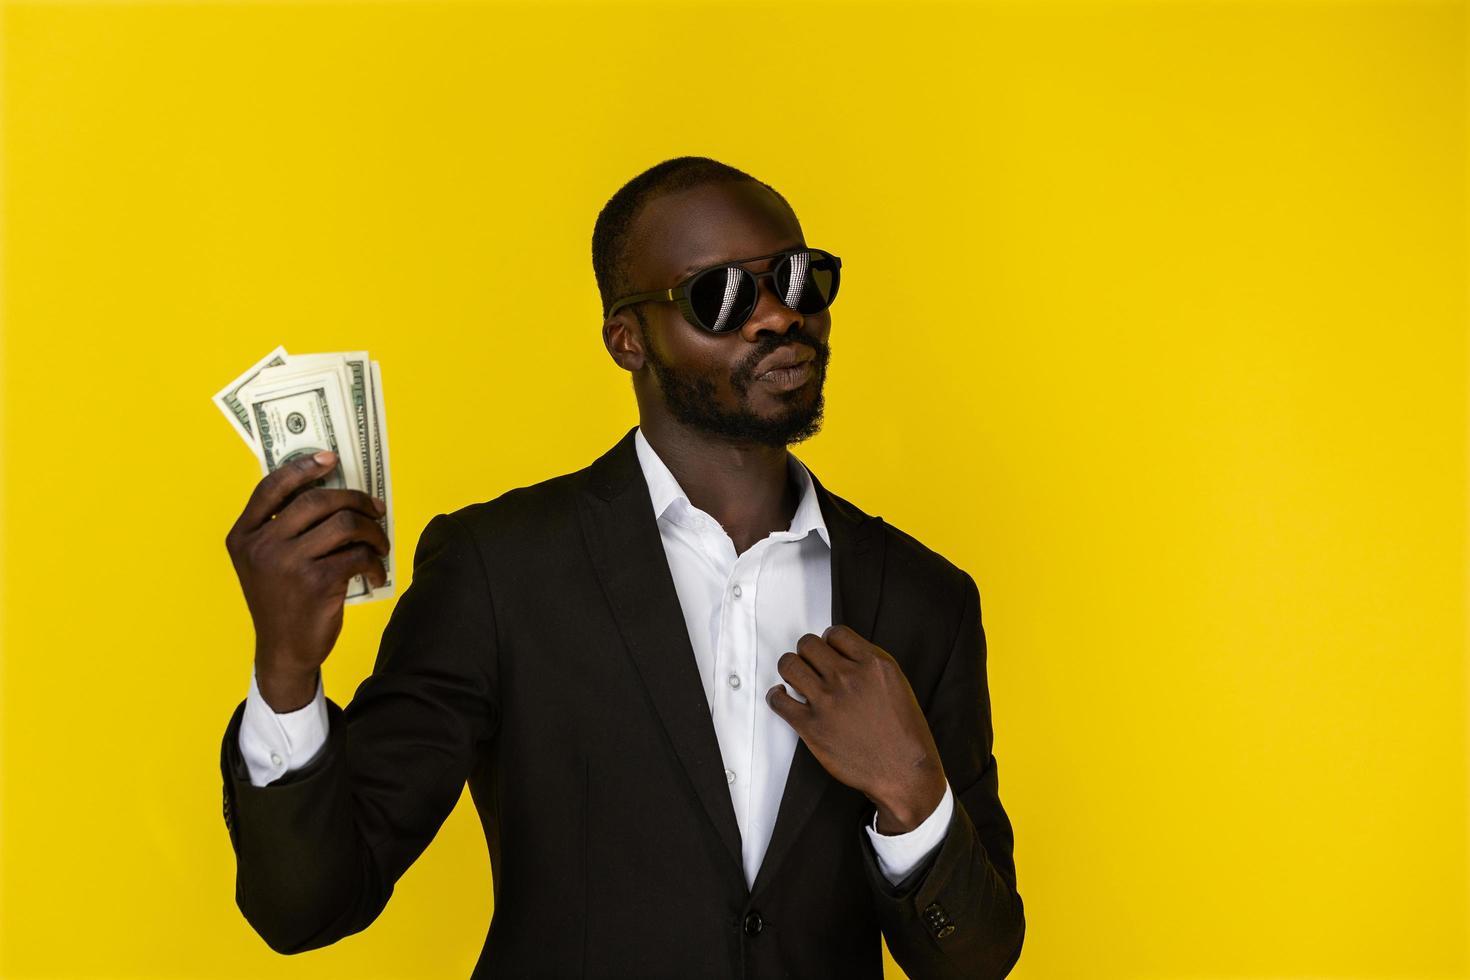 man in een pak en zonnebril met geld foto